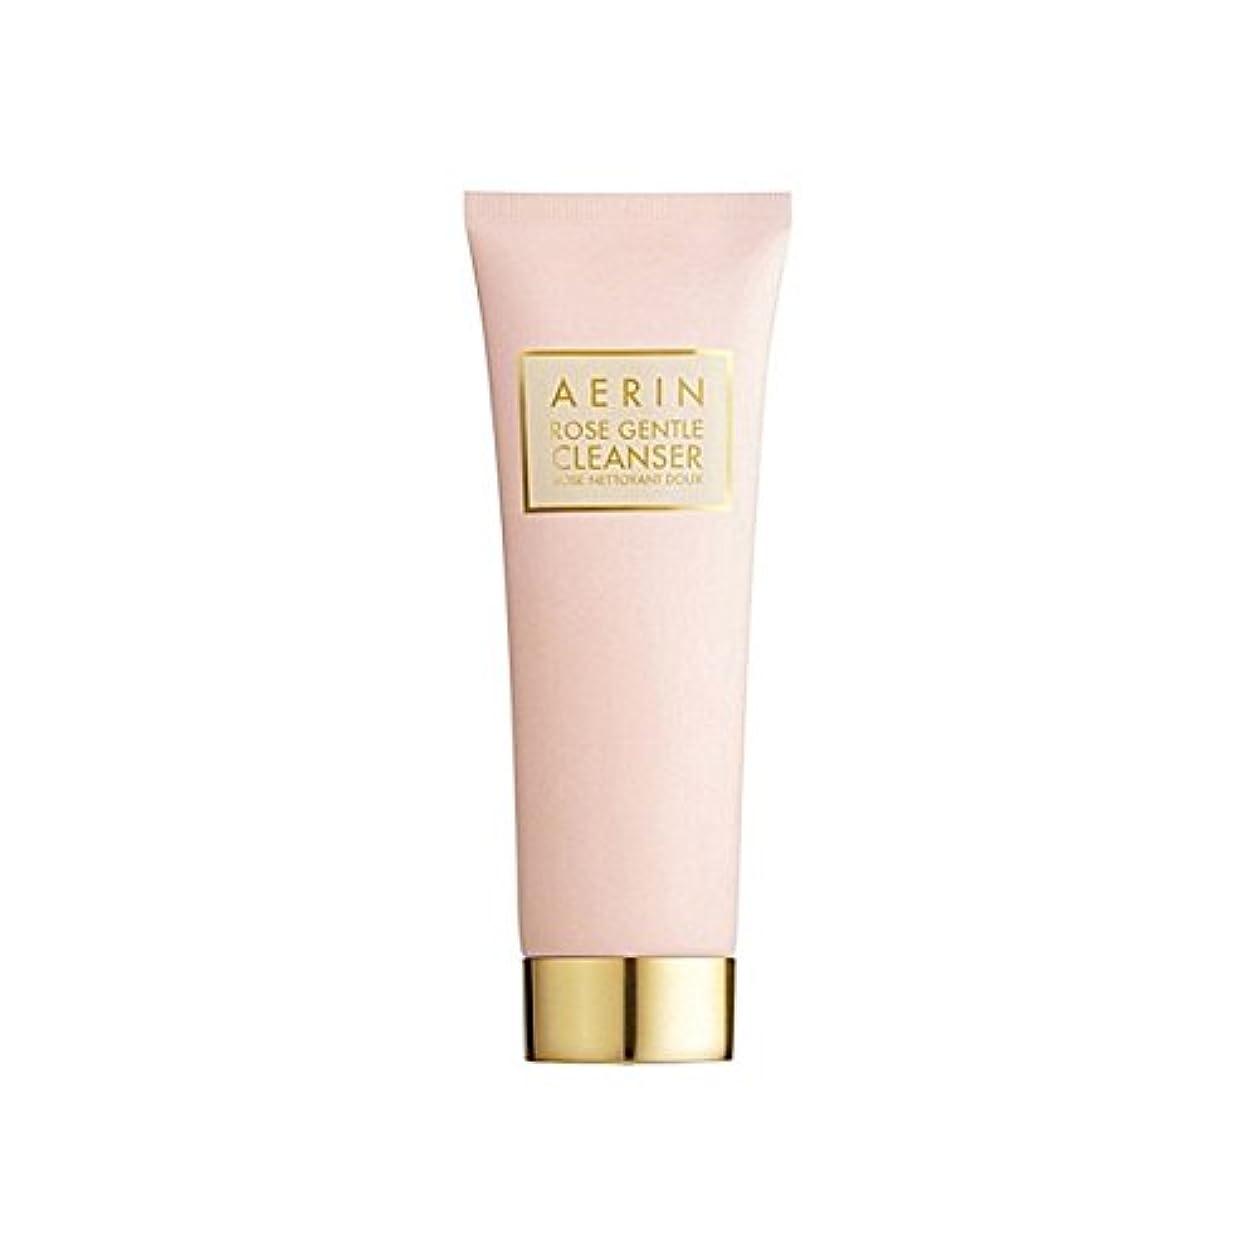 むしゃむしゃからに変化する軽食Aerin Rose Gentle Cleanser 125ml (Pack of 6) - はジェントルクレンザーの125ミリリットルをバラ x6 [並行輸入品]